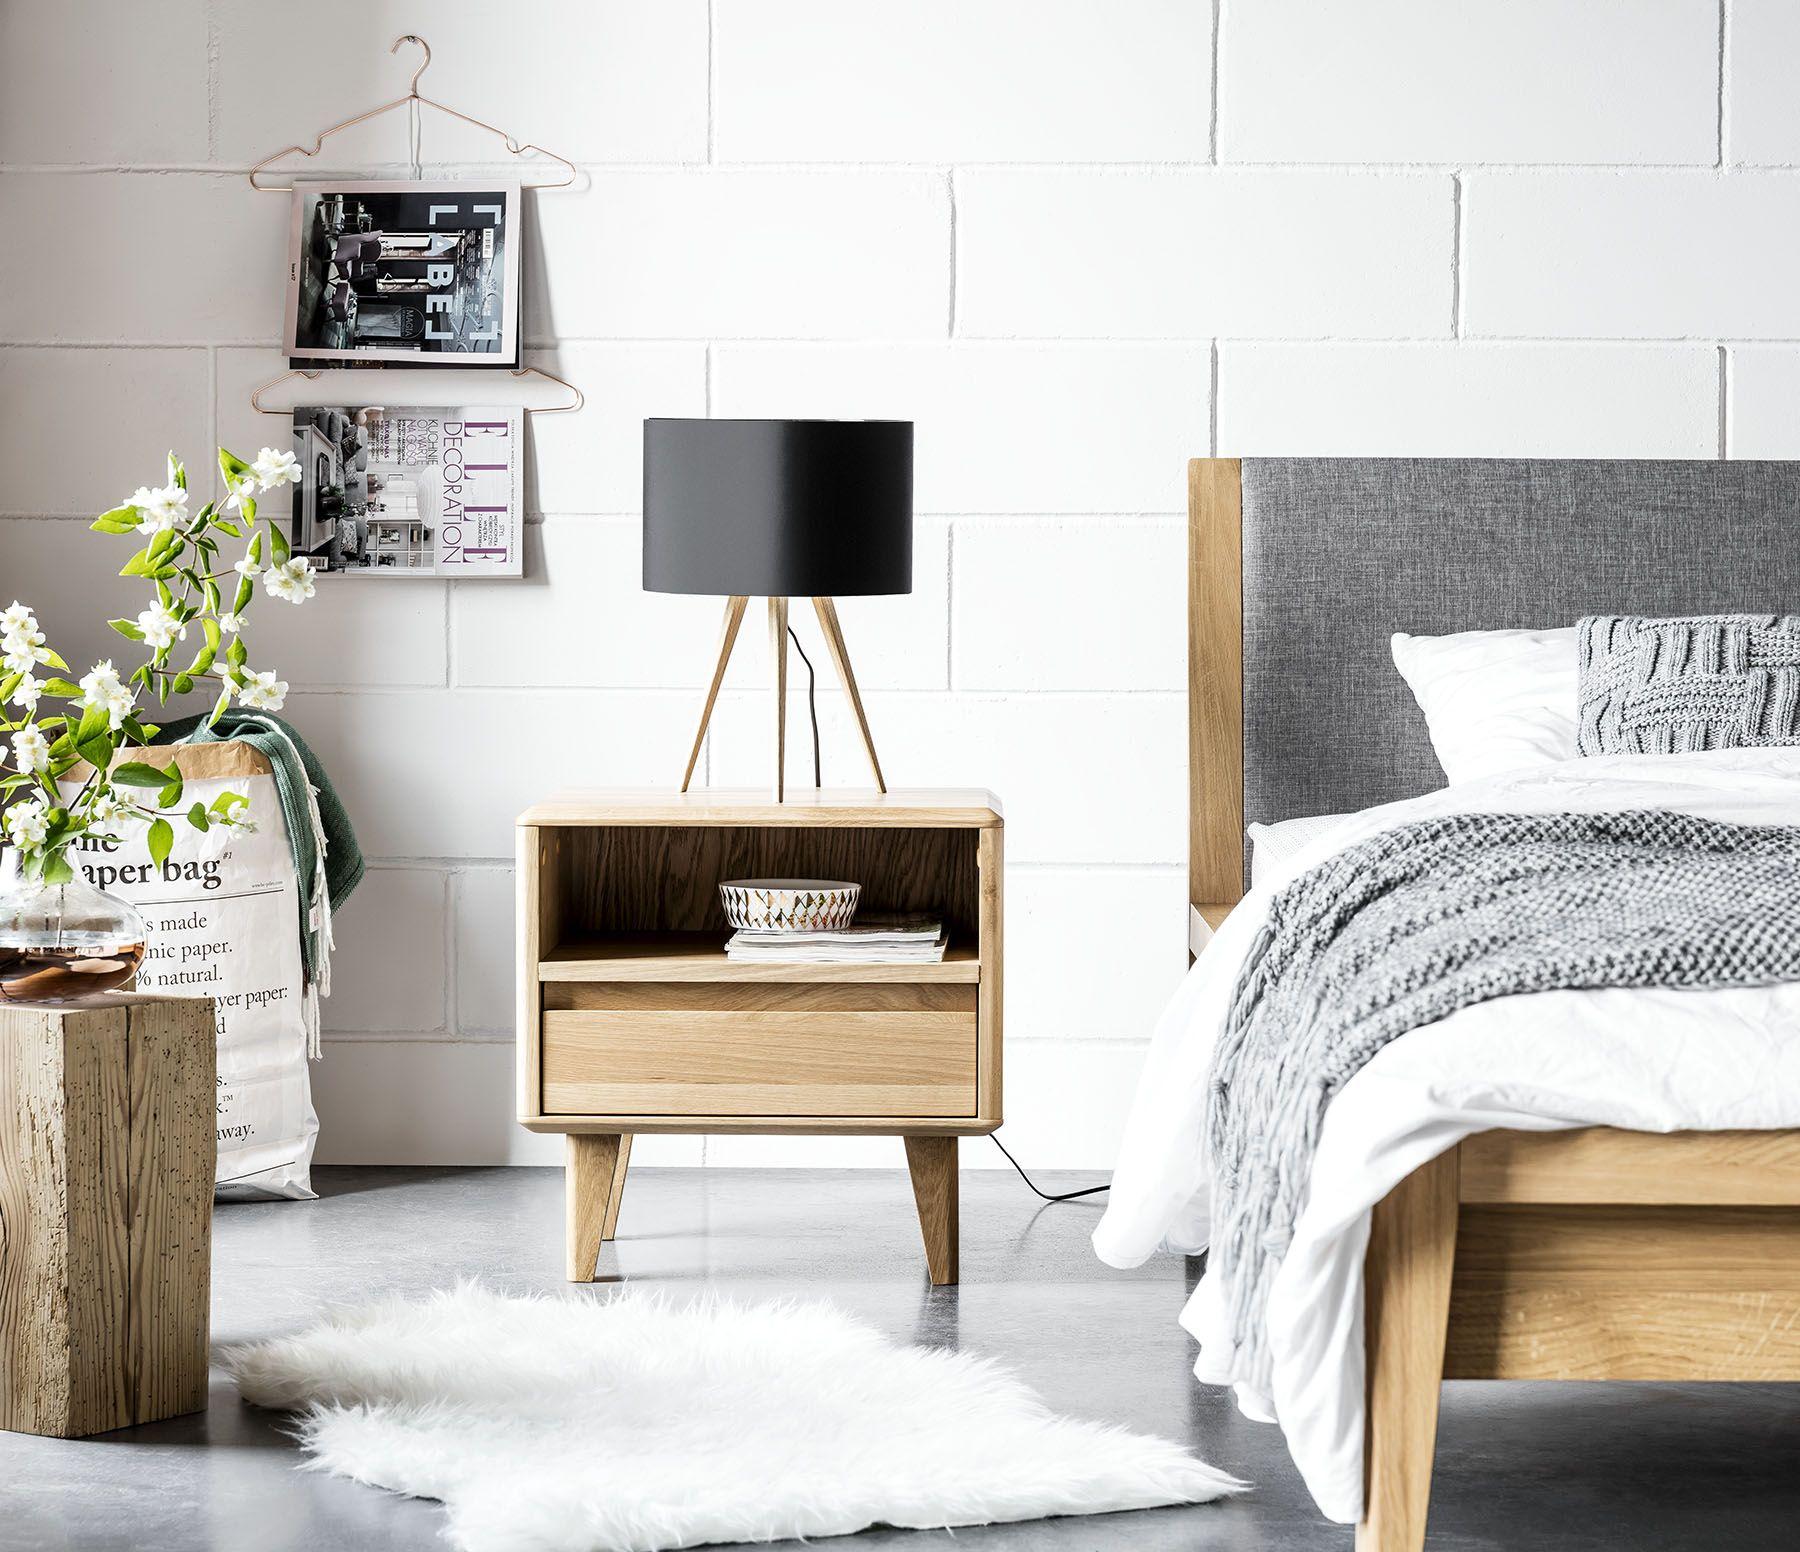 Schlafzimmer im skandinavischen Stil lädt zum Entspannen